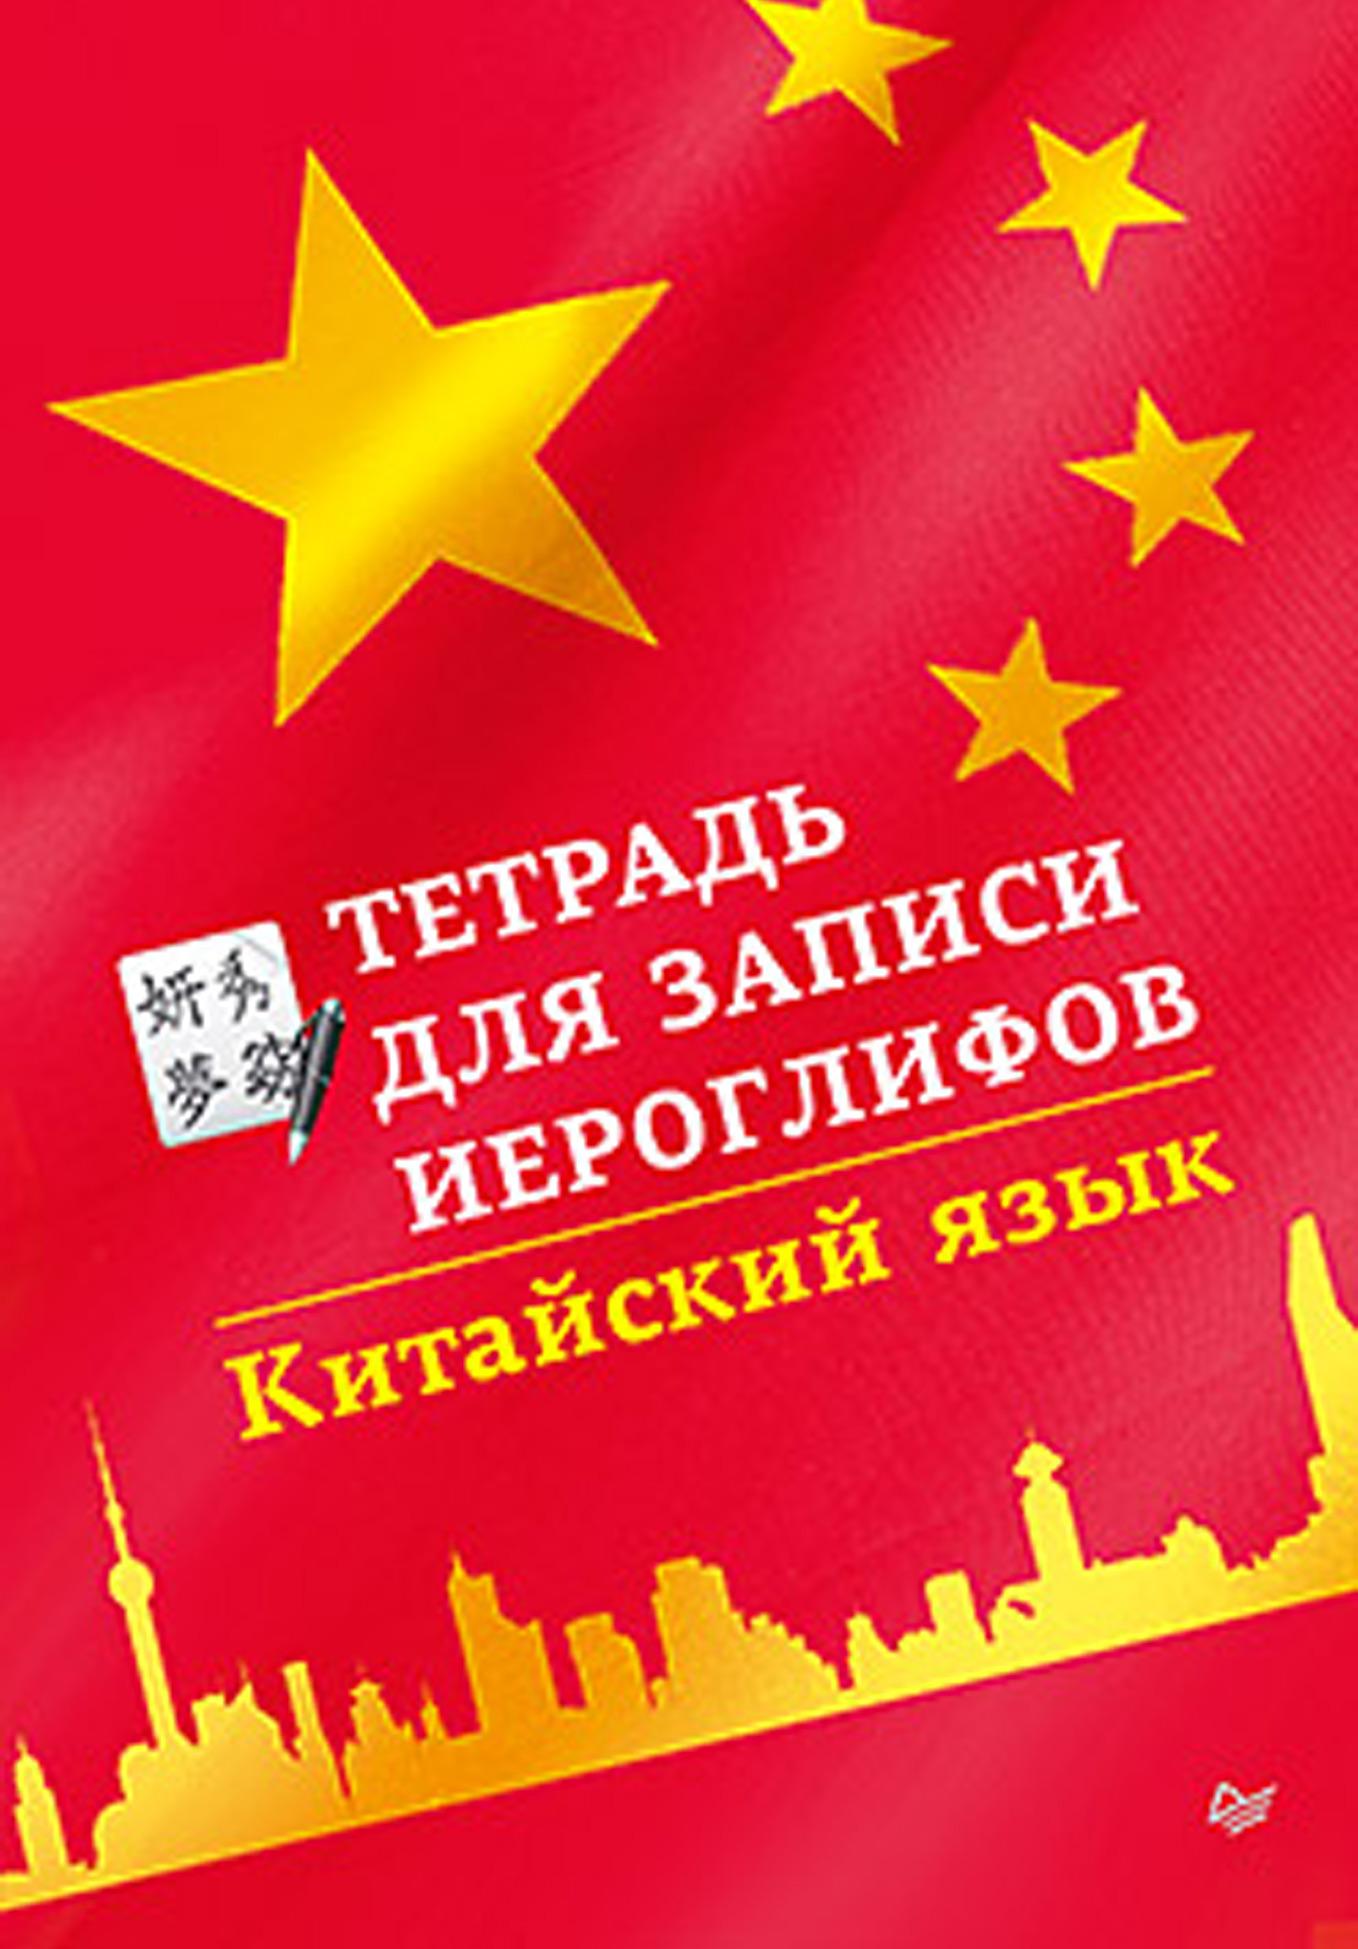 Отсутствует Китайский язык. Тетрадь для записи иероглифов китайский язык 2 й уровень рабочая тетрадь для записи иероглифов